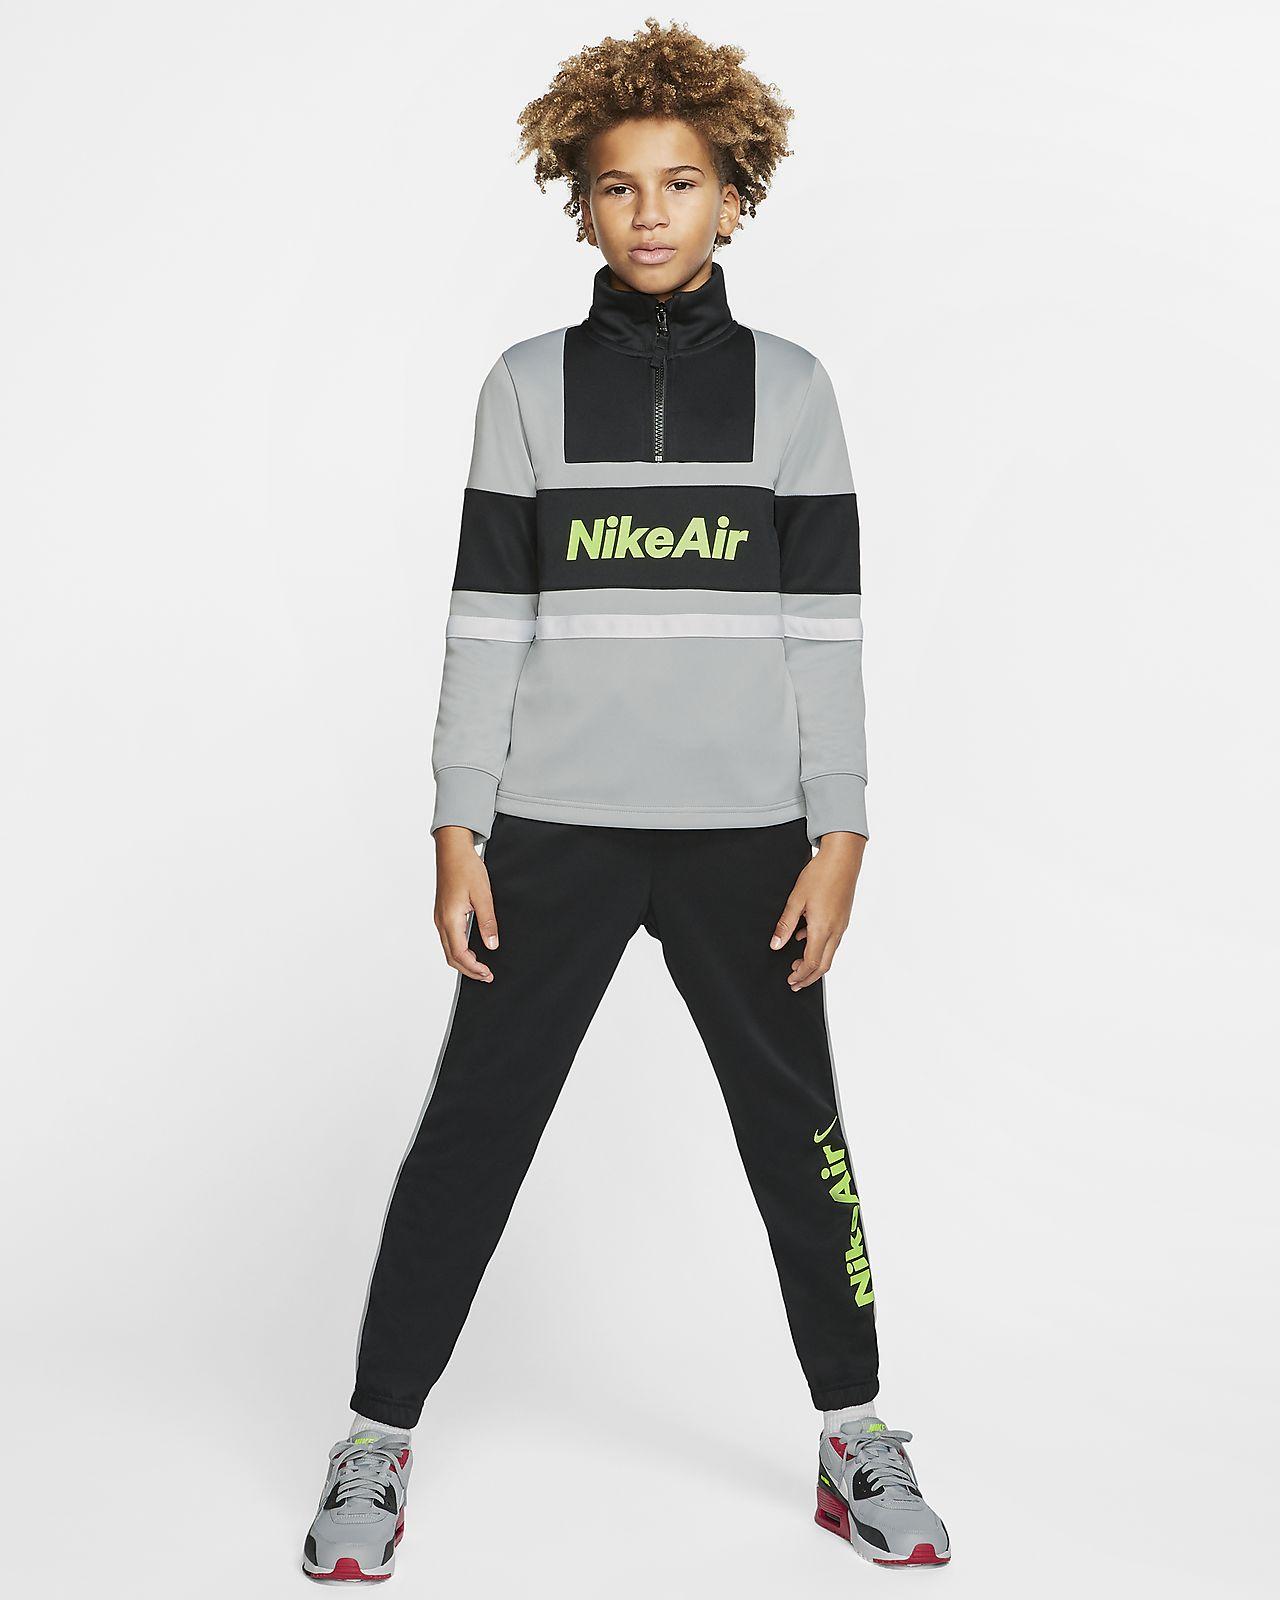 Fato de treino Nike Air Júnior (Rapaz)